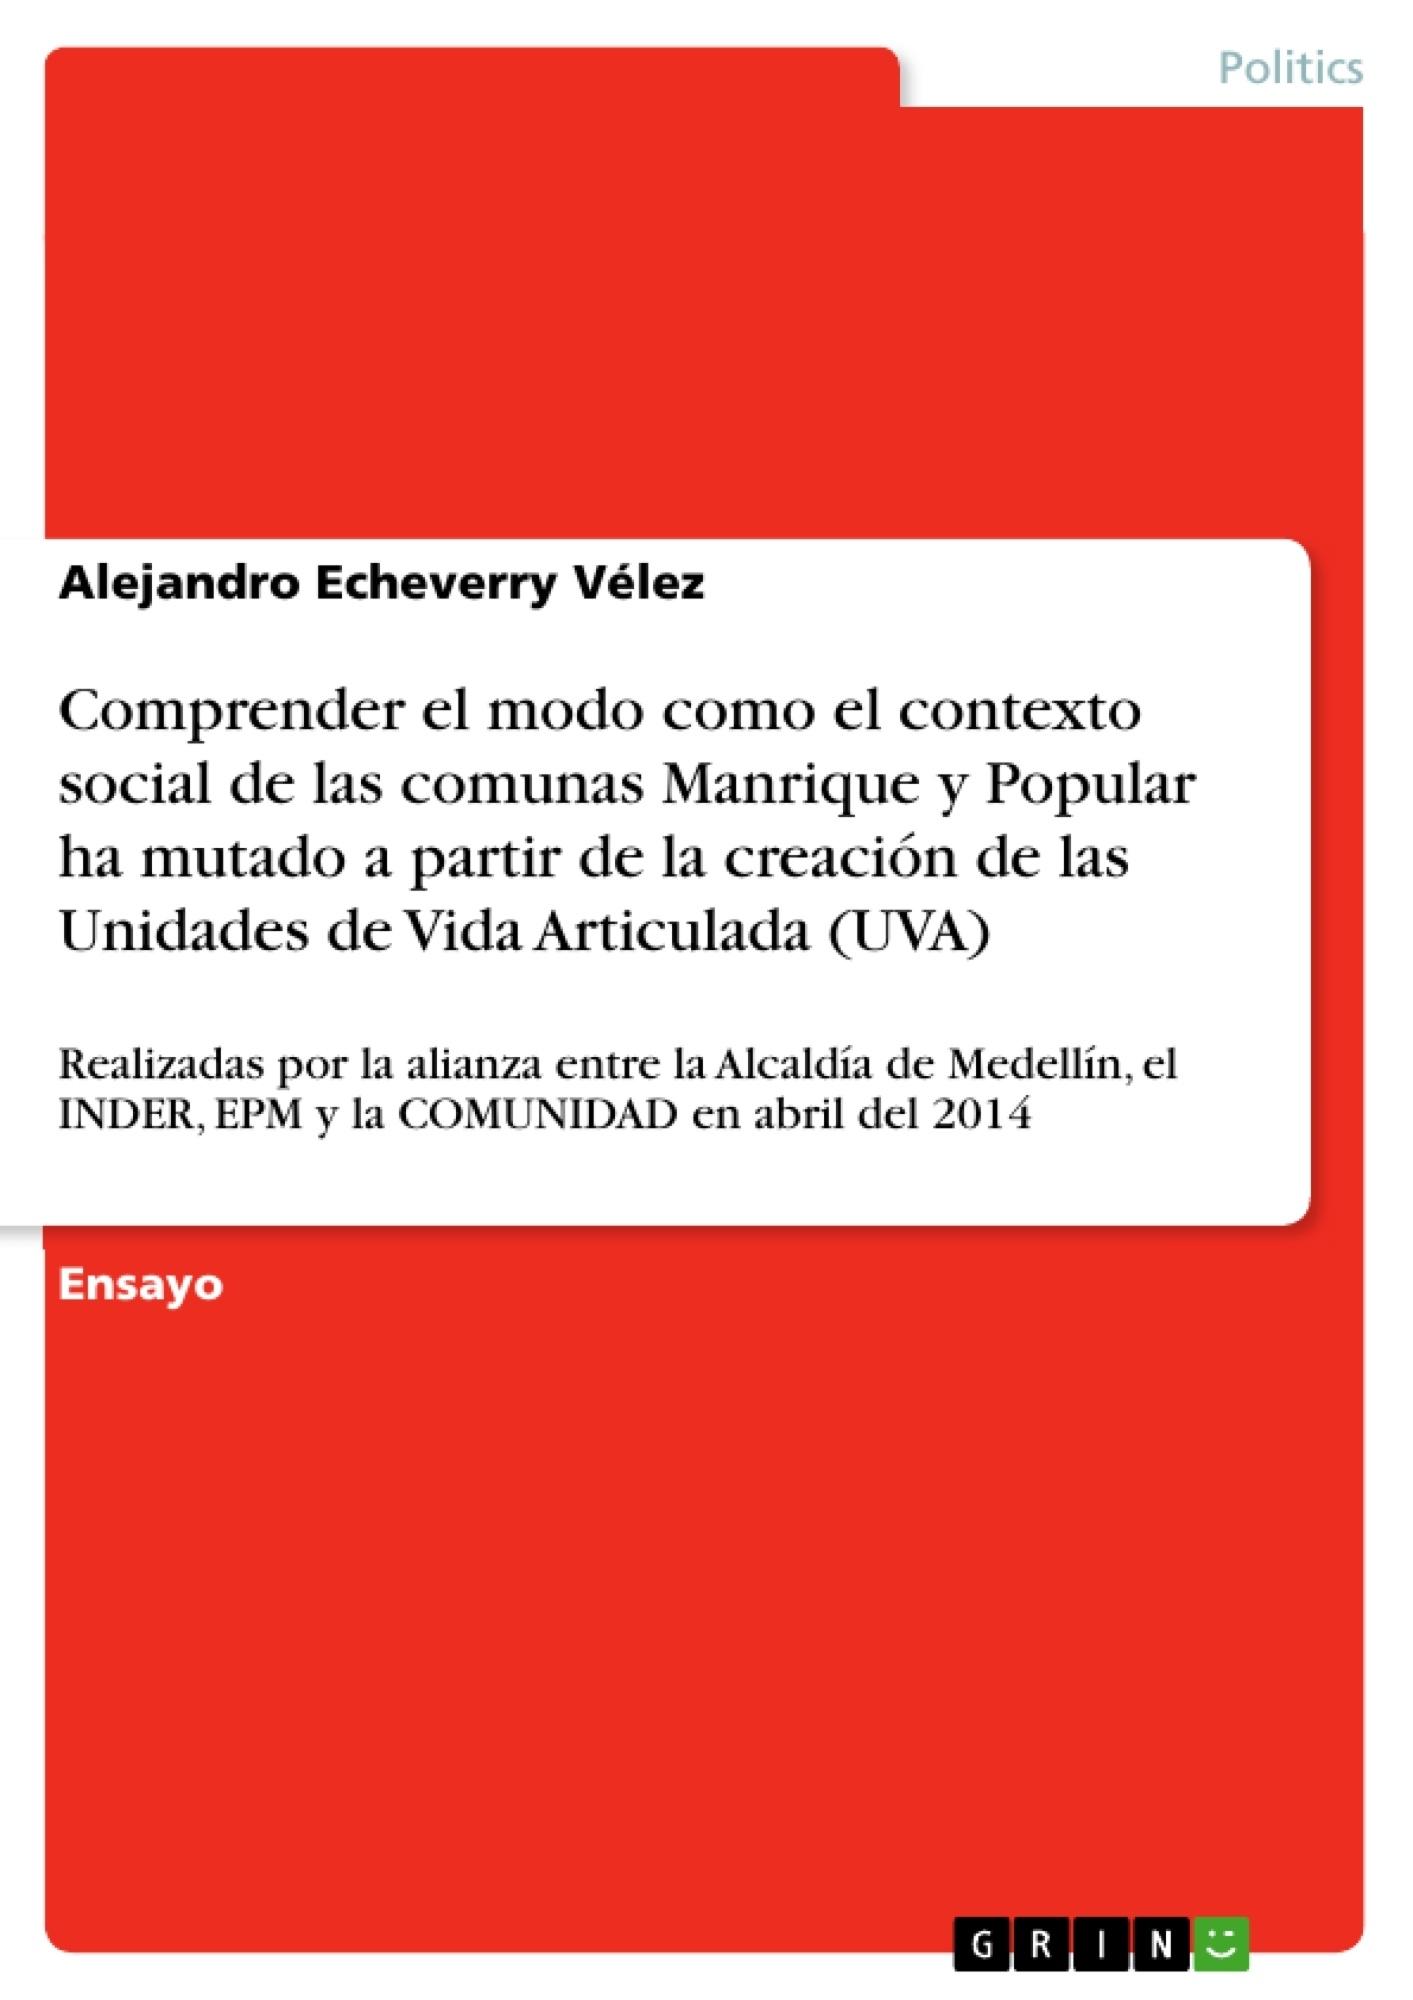 Título: Comprender el modo como el contexto social de las comunas Manrique y Popular ha mutado a partir de la creación de las Unidades de Vida Articulada (UVA)